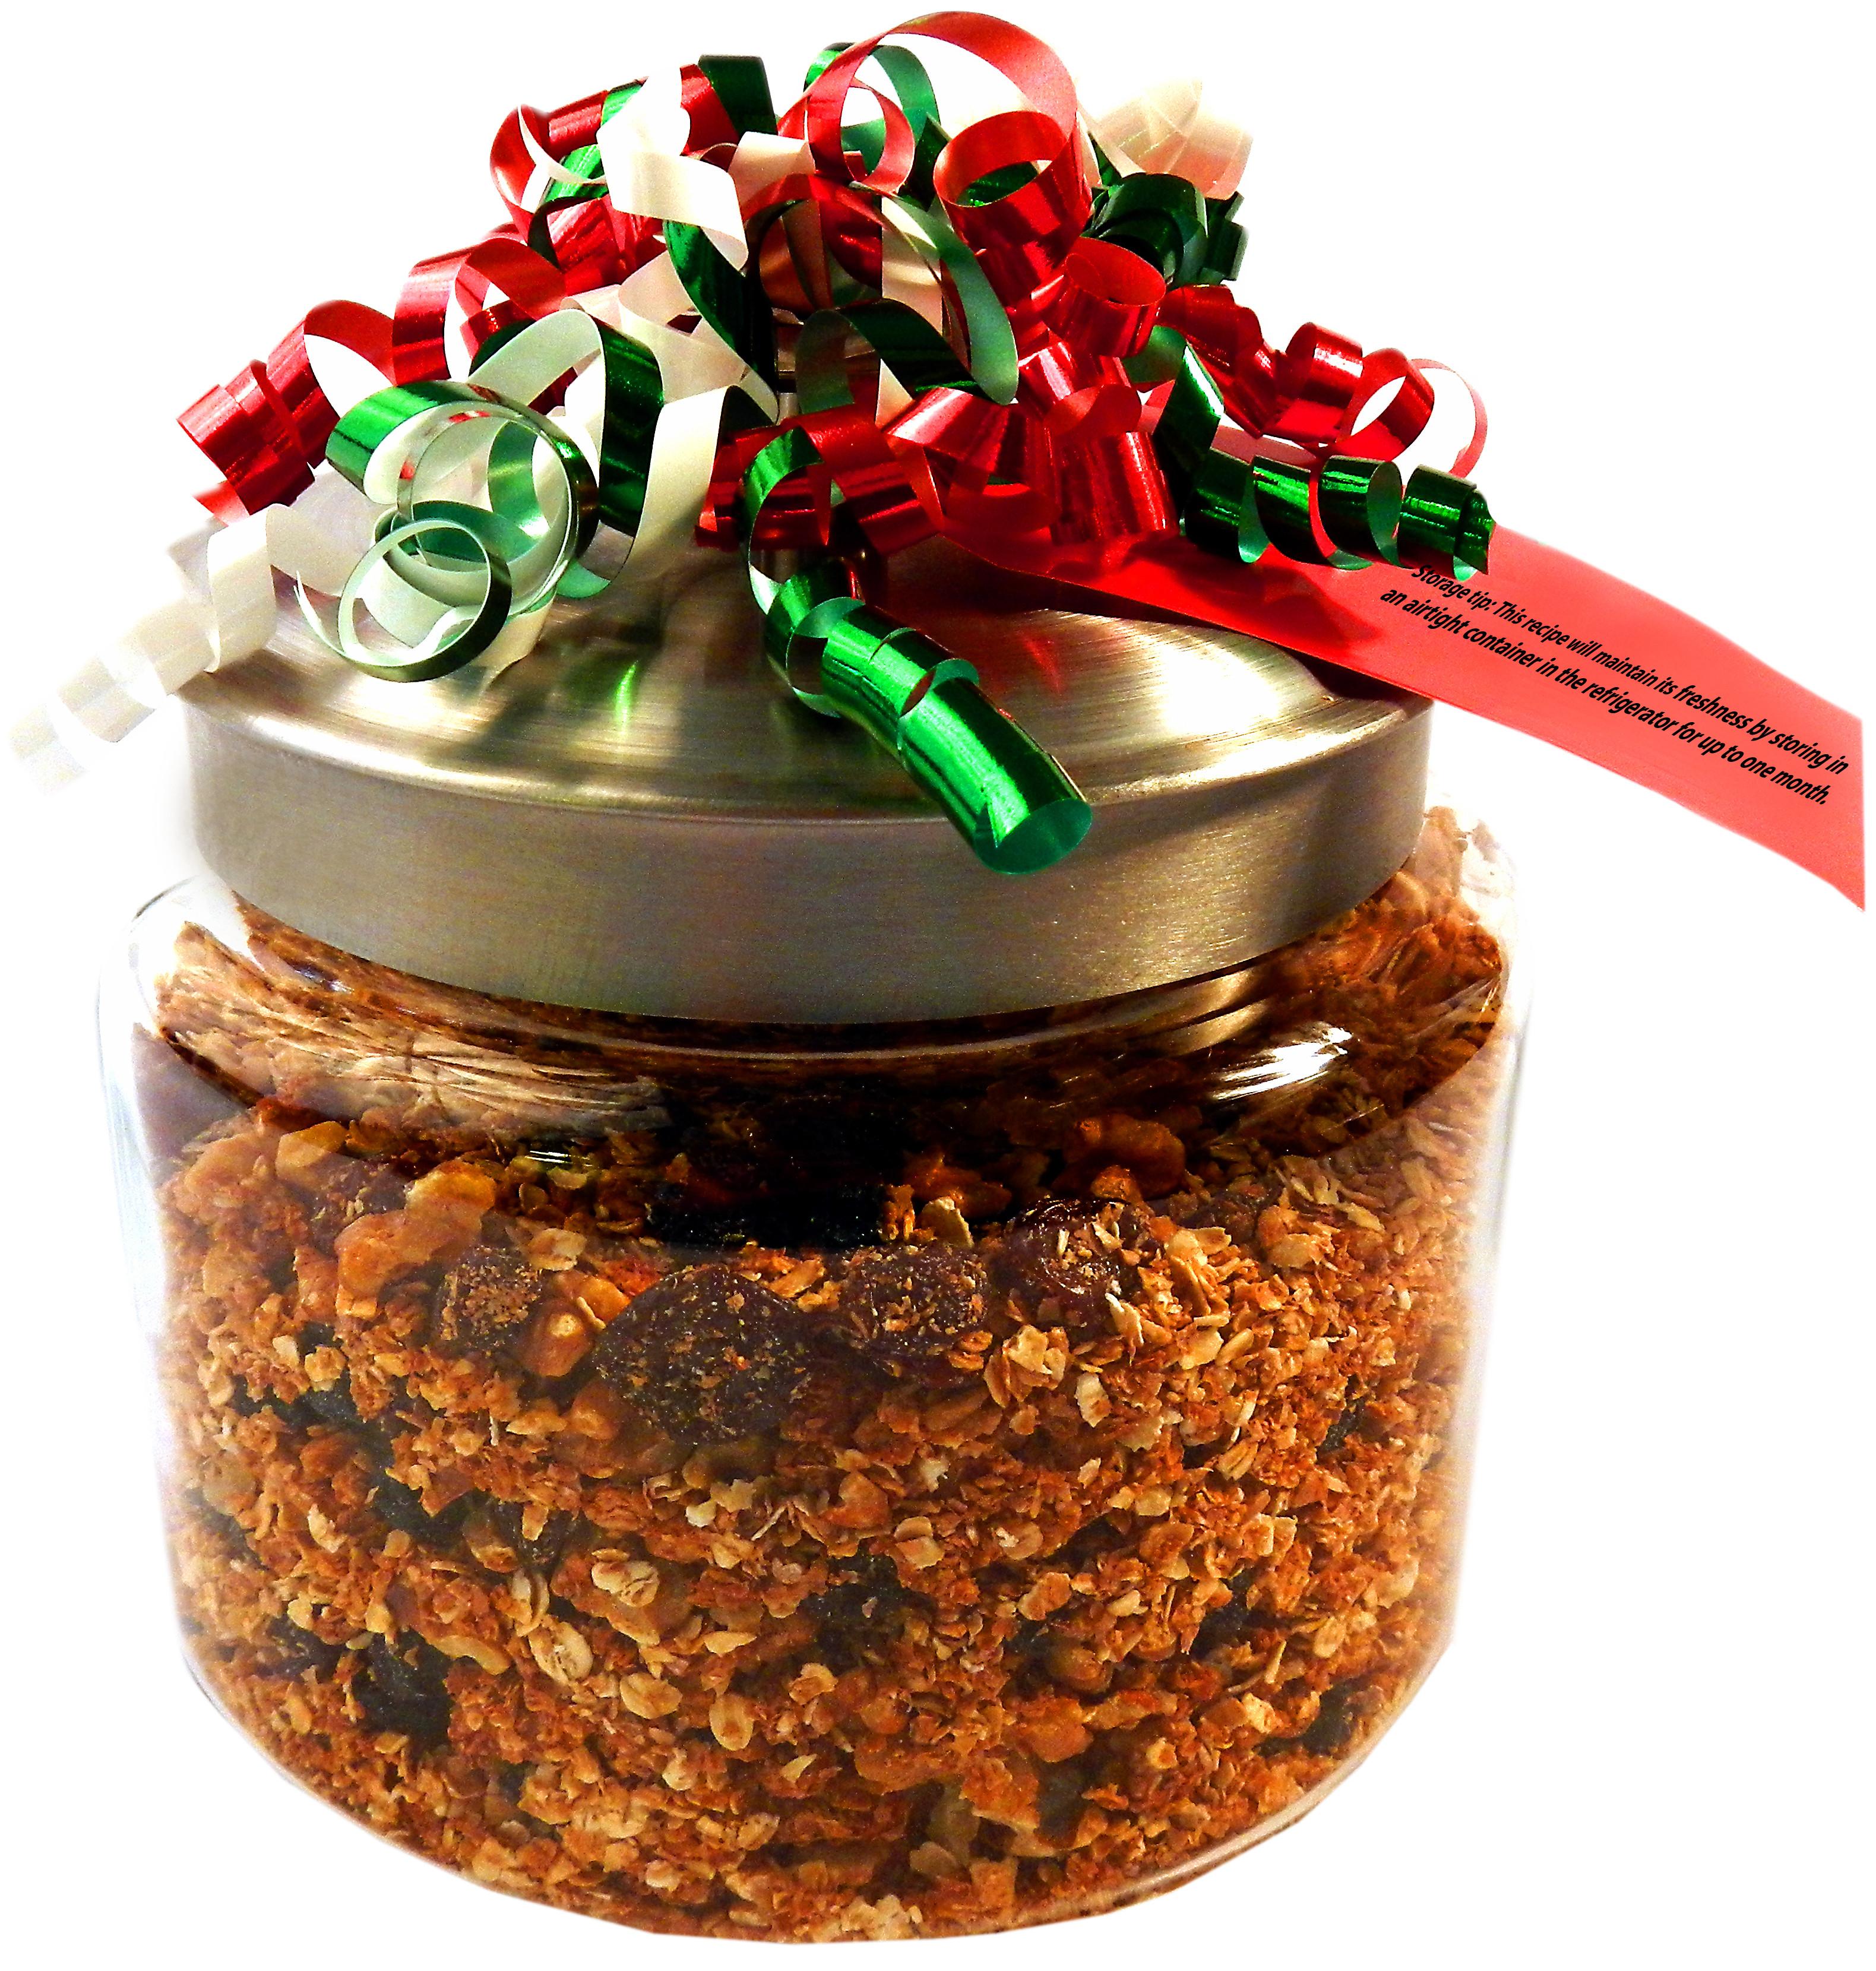 Homemade Christmas Food Gifts  Homemade Holiday Food Gifts